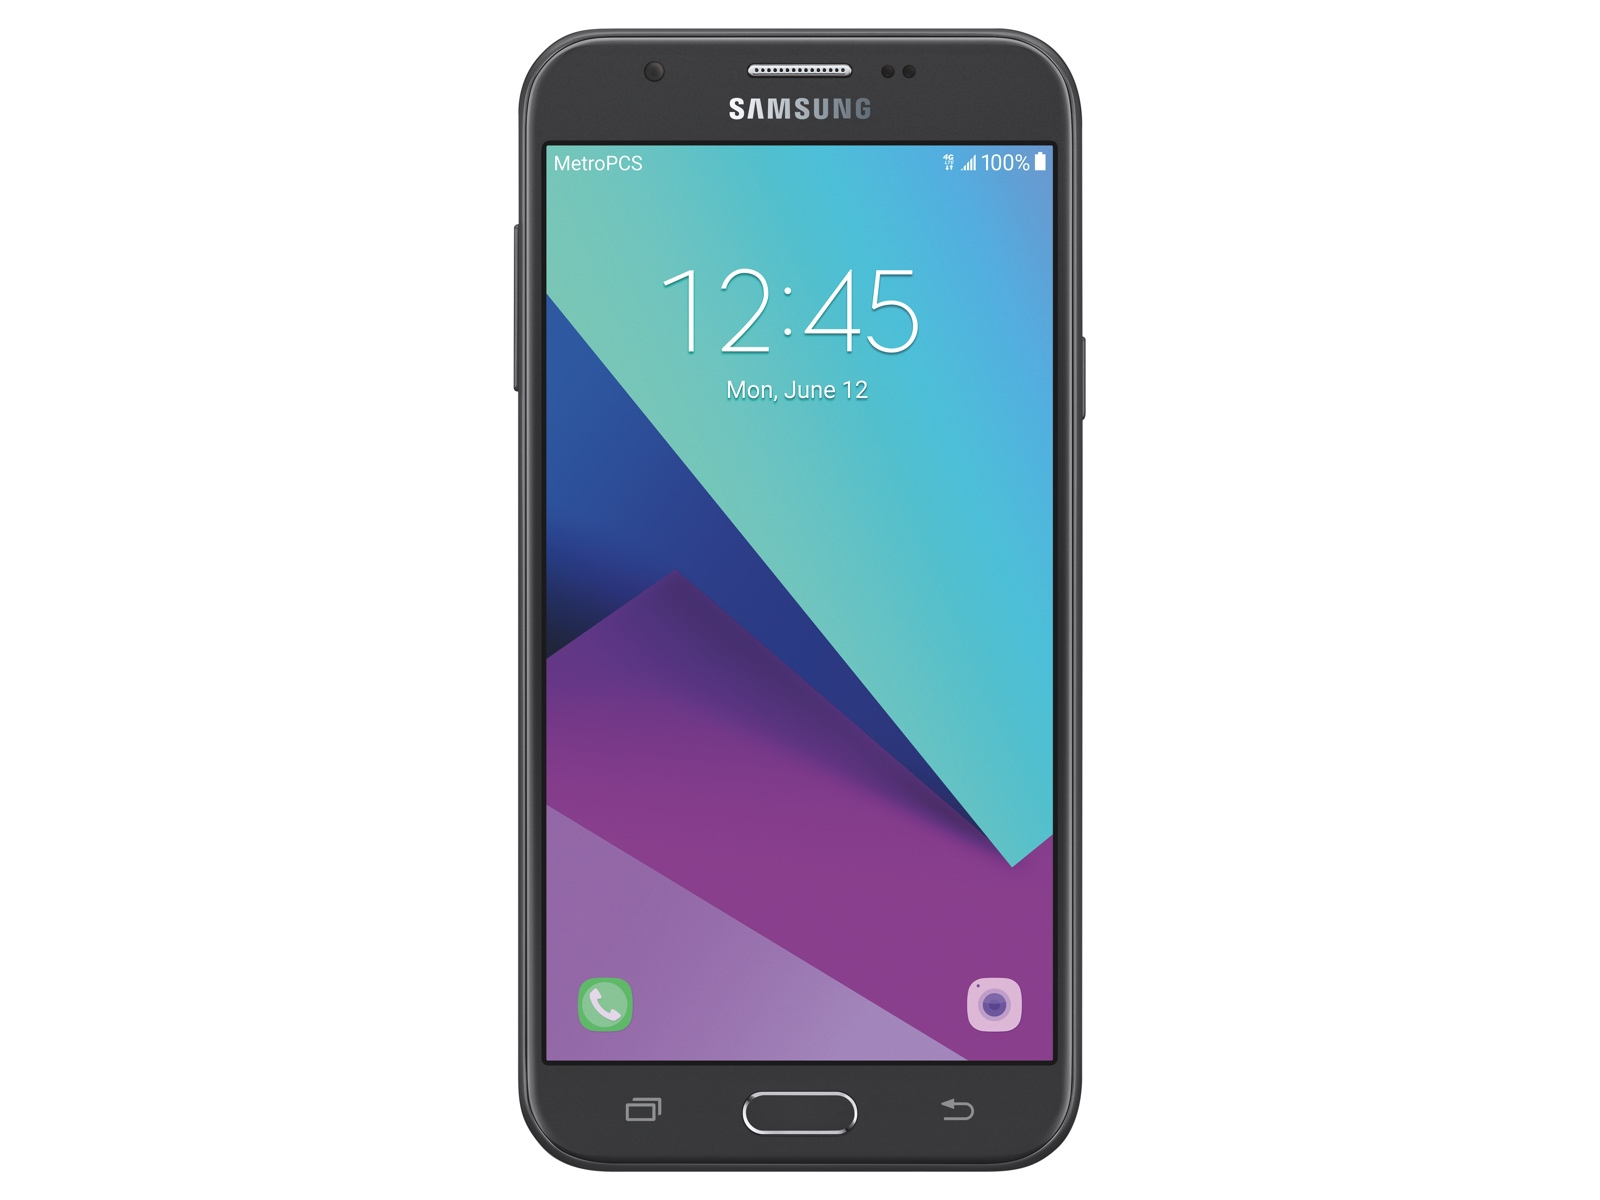 Galaxy J7 Prime Metropcs Phones Sm J727tzdatmk Samsung Us